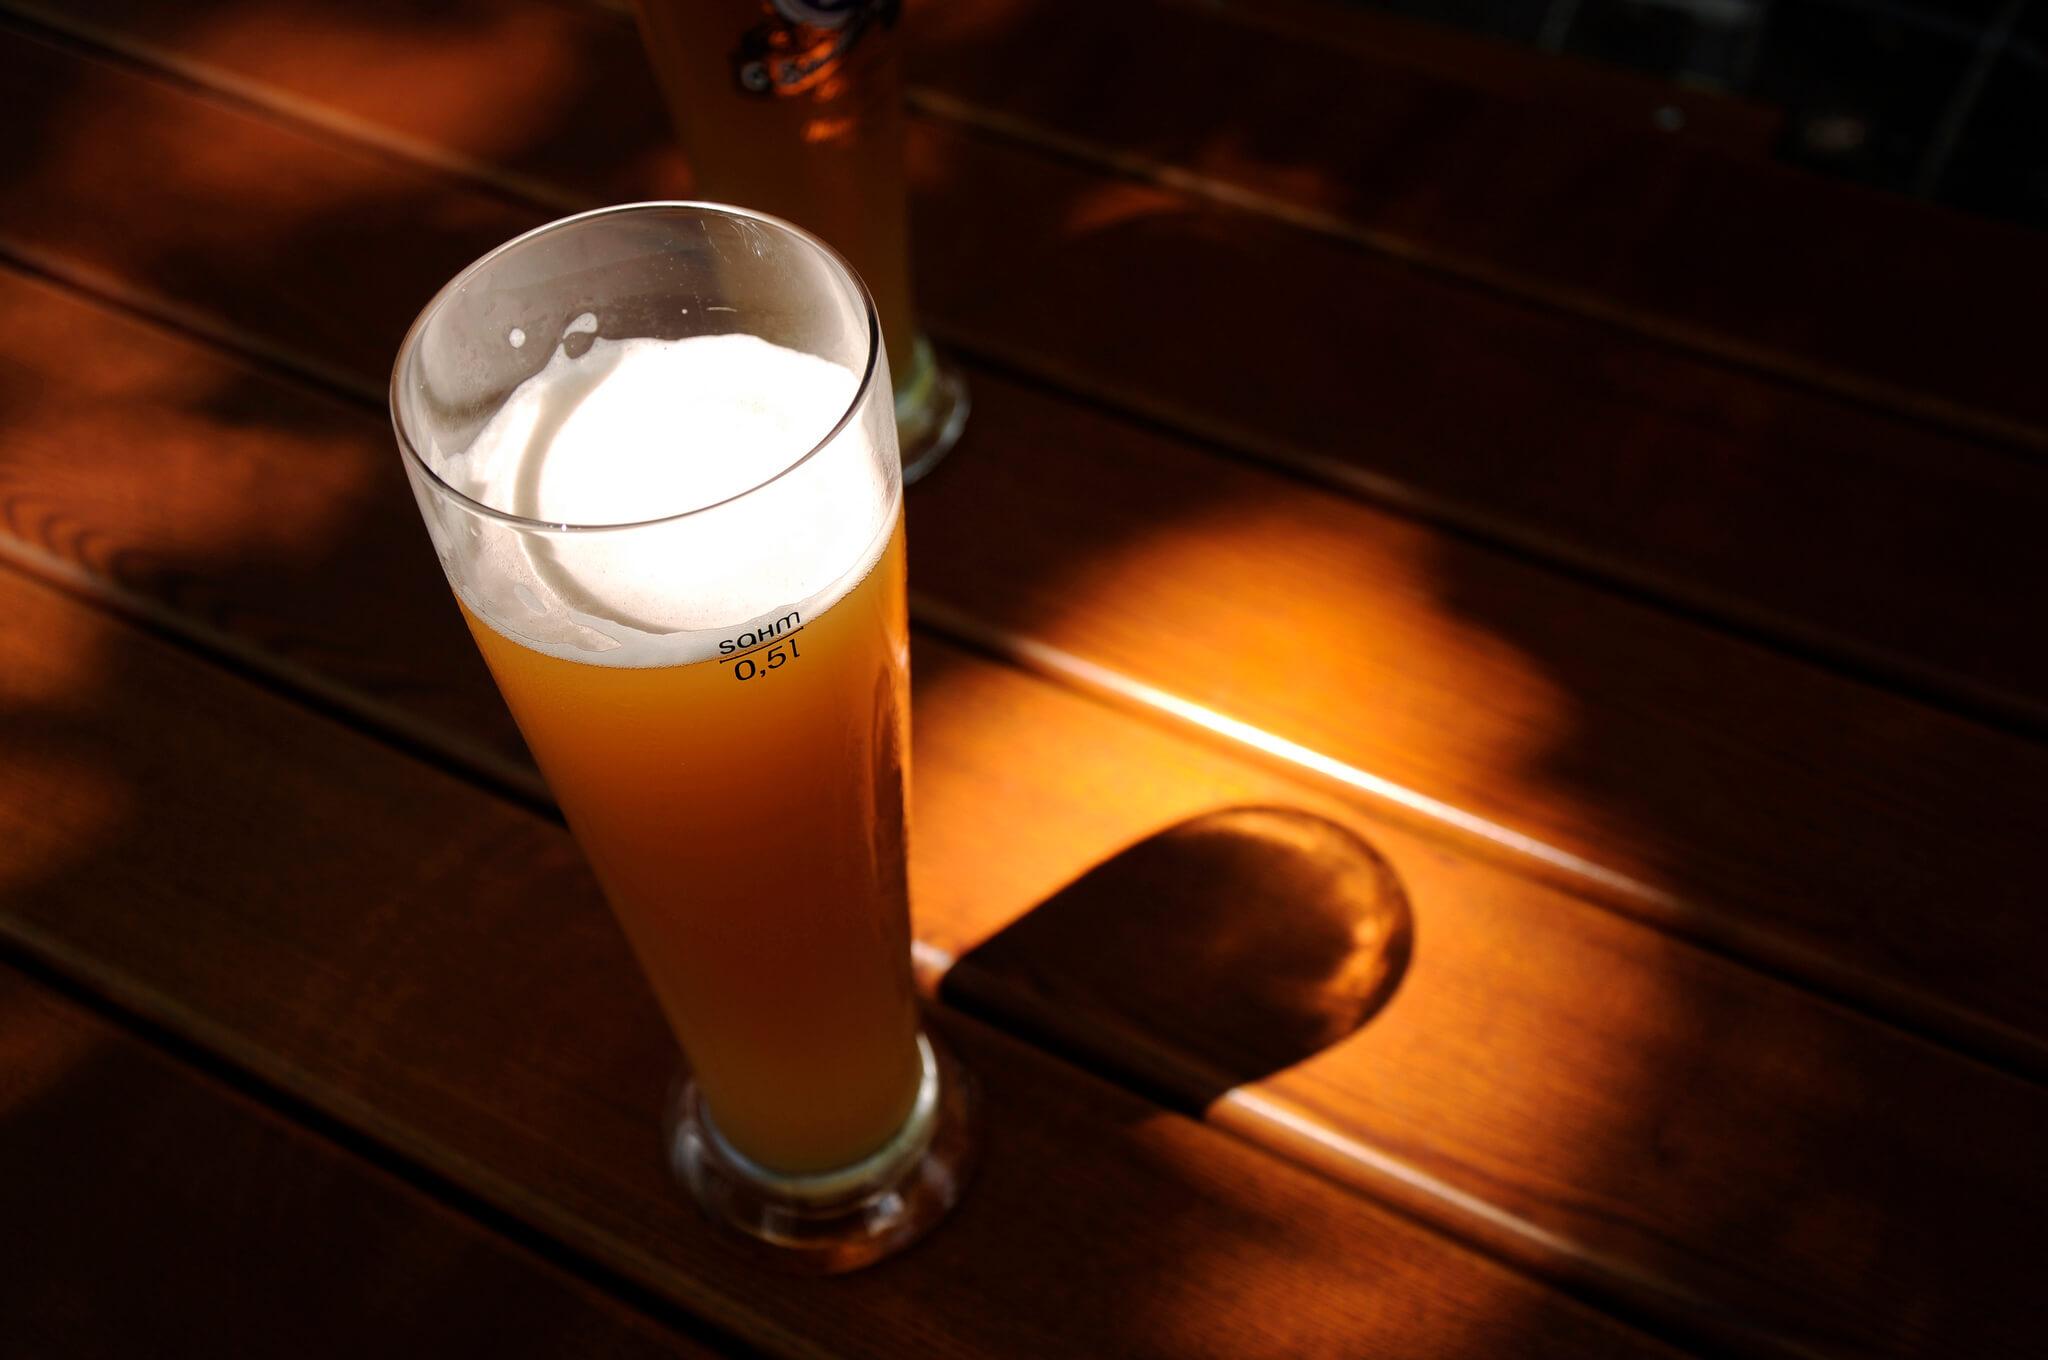 Немецкое пшеничное пиво